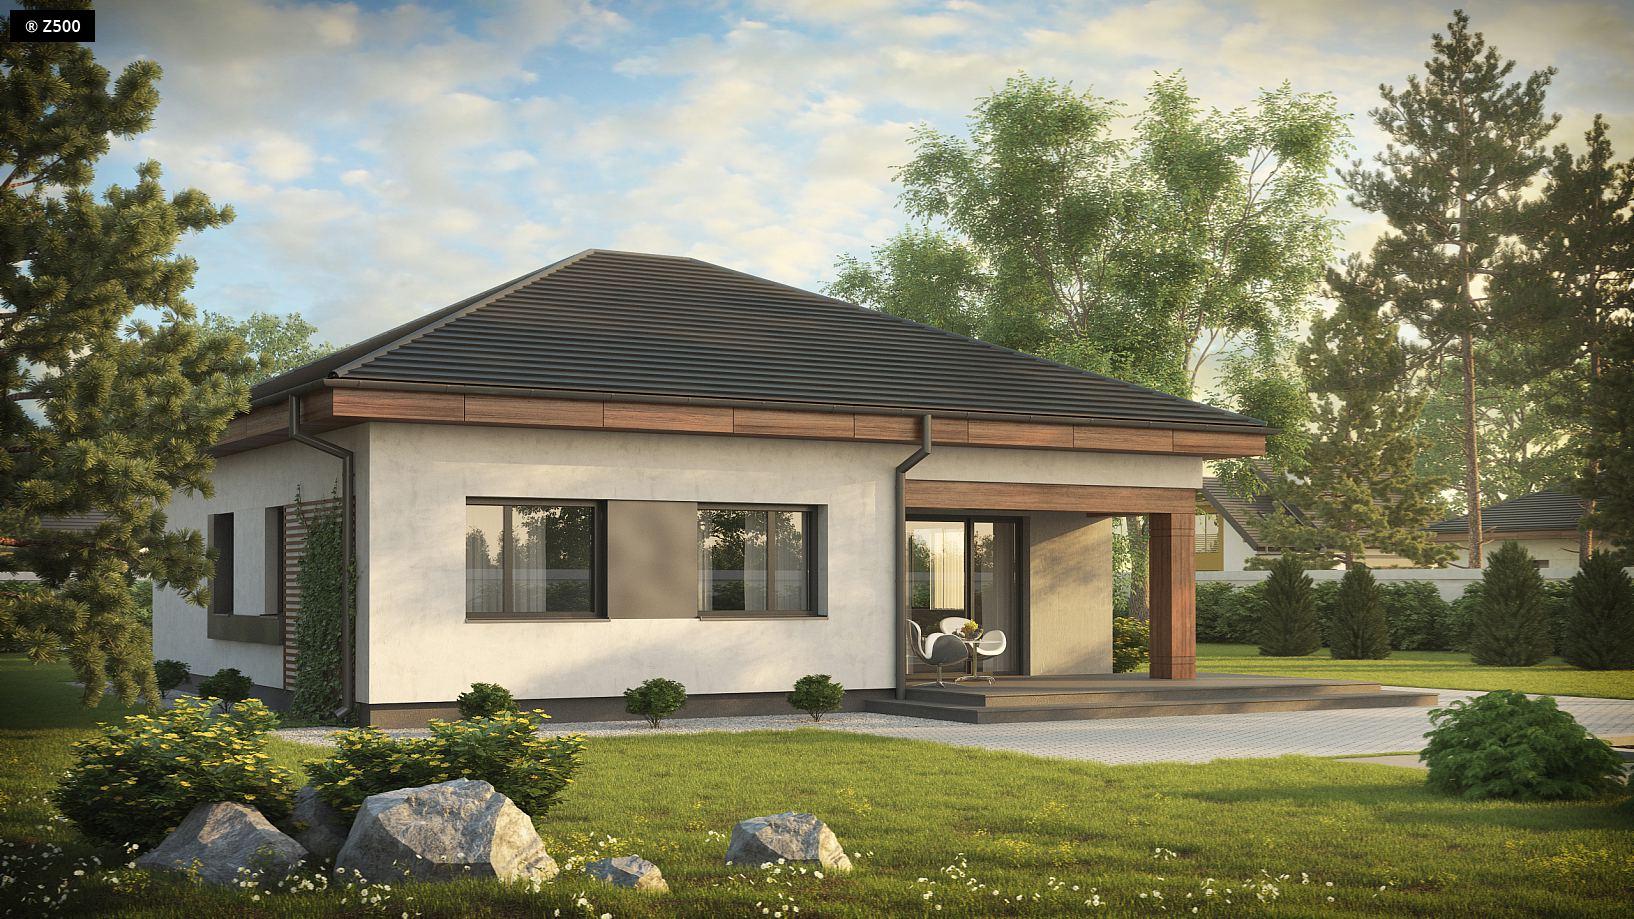 визуализация дома из сип панелей Каховка Солнечная компании Украинский дом